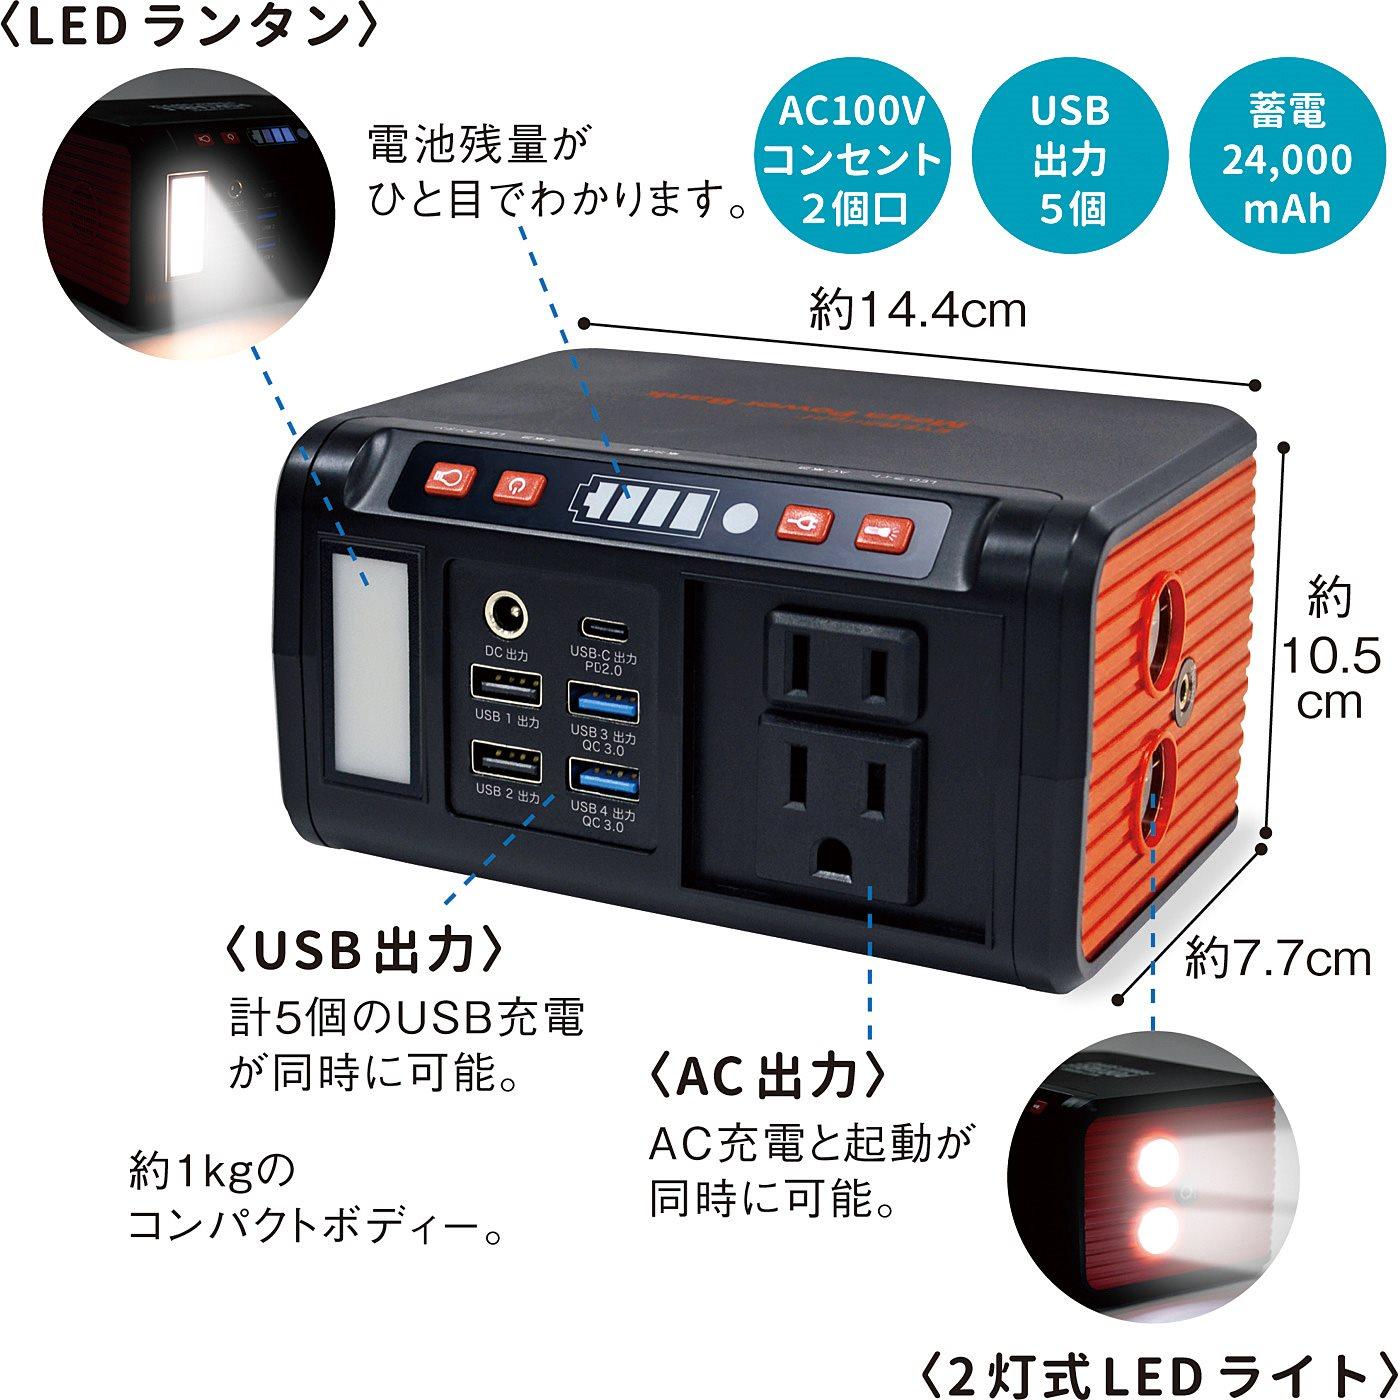 Kraso[クラソ]  いざというときの電源確保!電池要らずの家庭用小型蓄電池 大容量パワーバンク